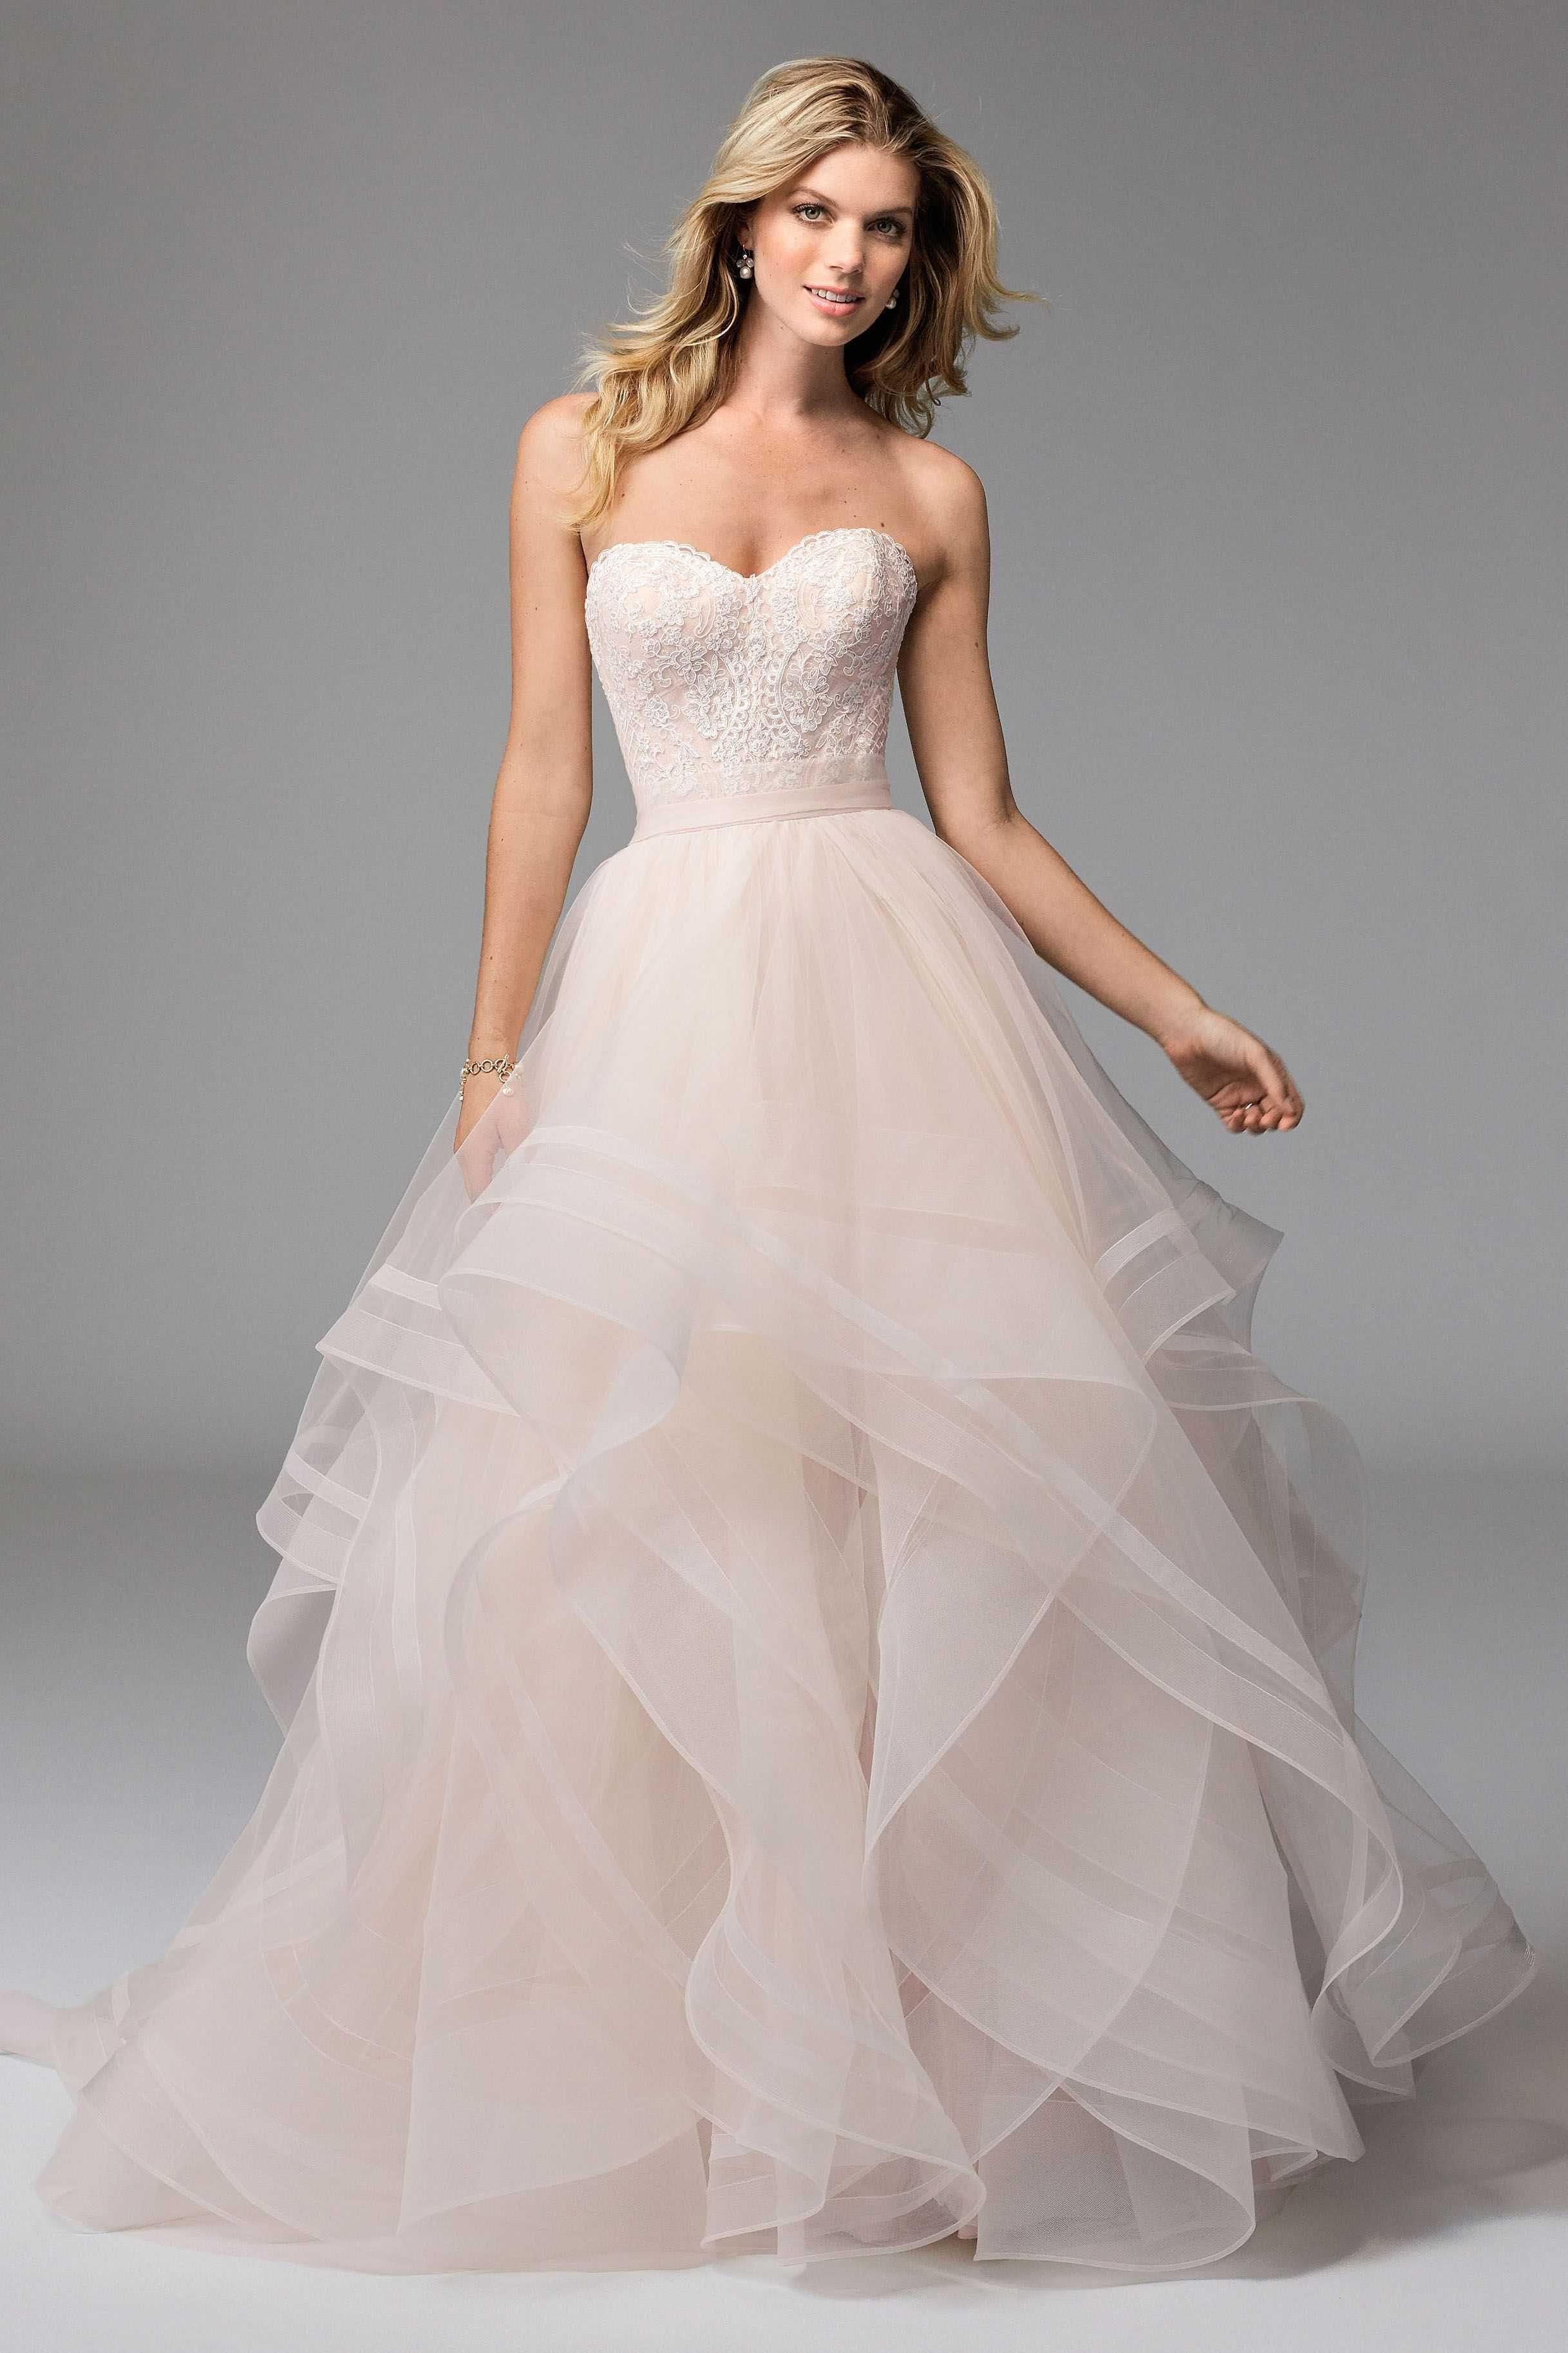 Wedding Dress Shops Milwaukee Inspirational Wedding Dress Shops